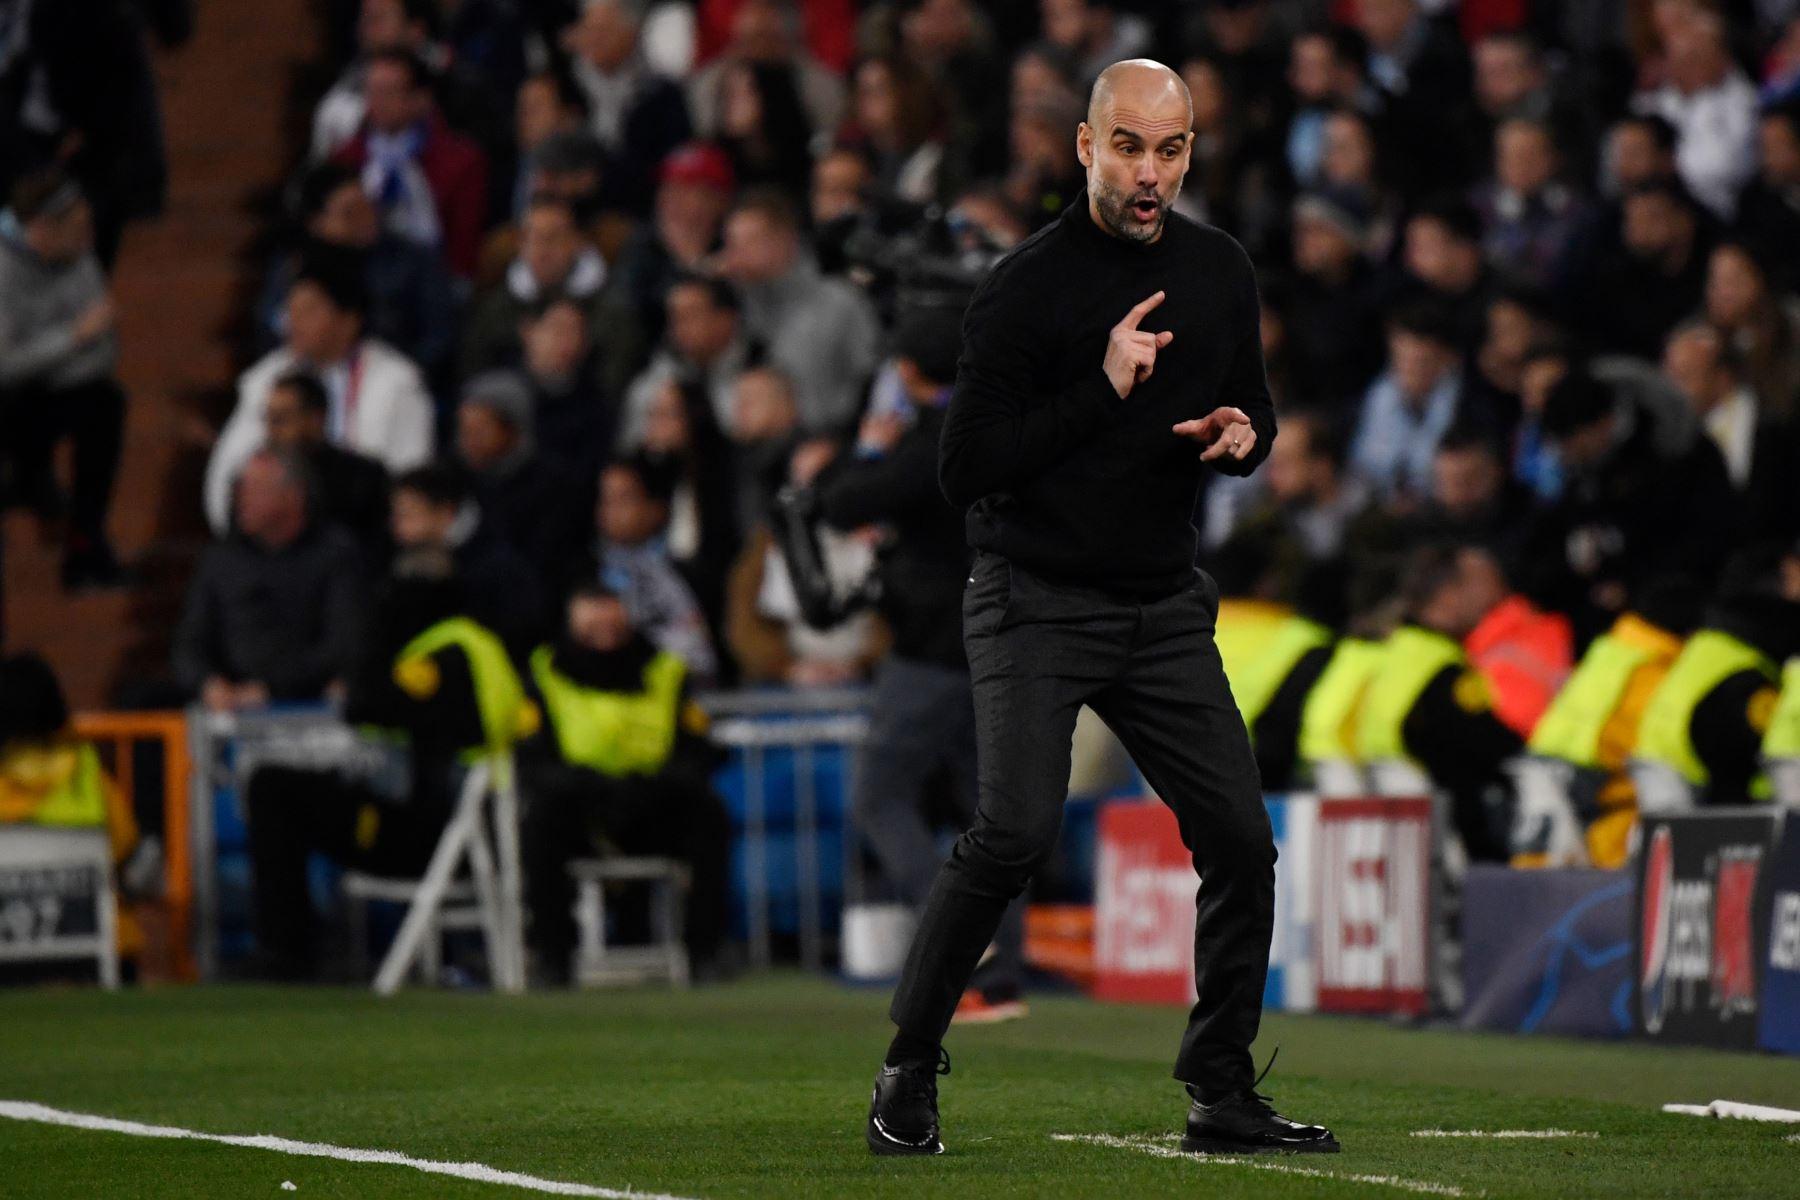 El entrenador español del Manchester City, Pep Guardiola, hace gestos durante la ronda de 16 partidos de fútbol de ida de la UEFA Champions League entre el Real Madrid CF y el Manchester City. Foto: AFP